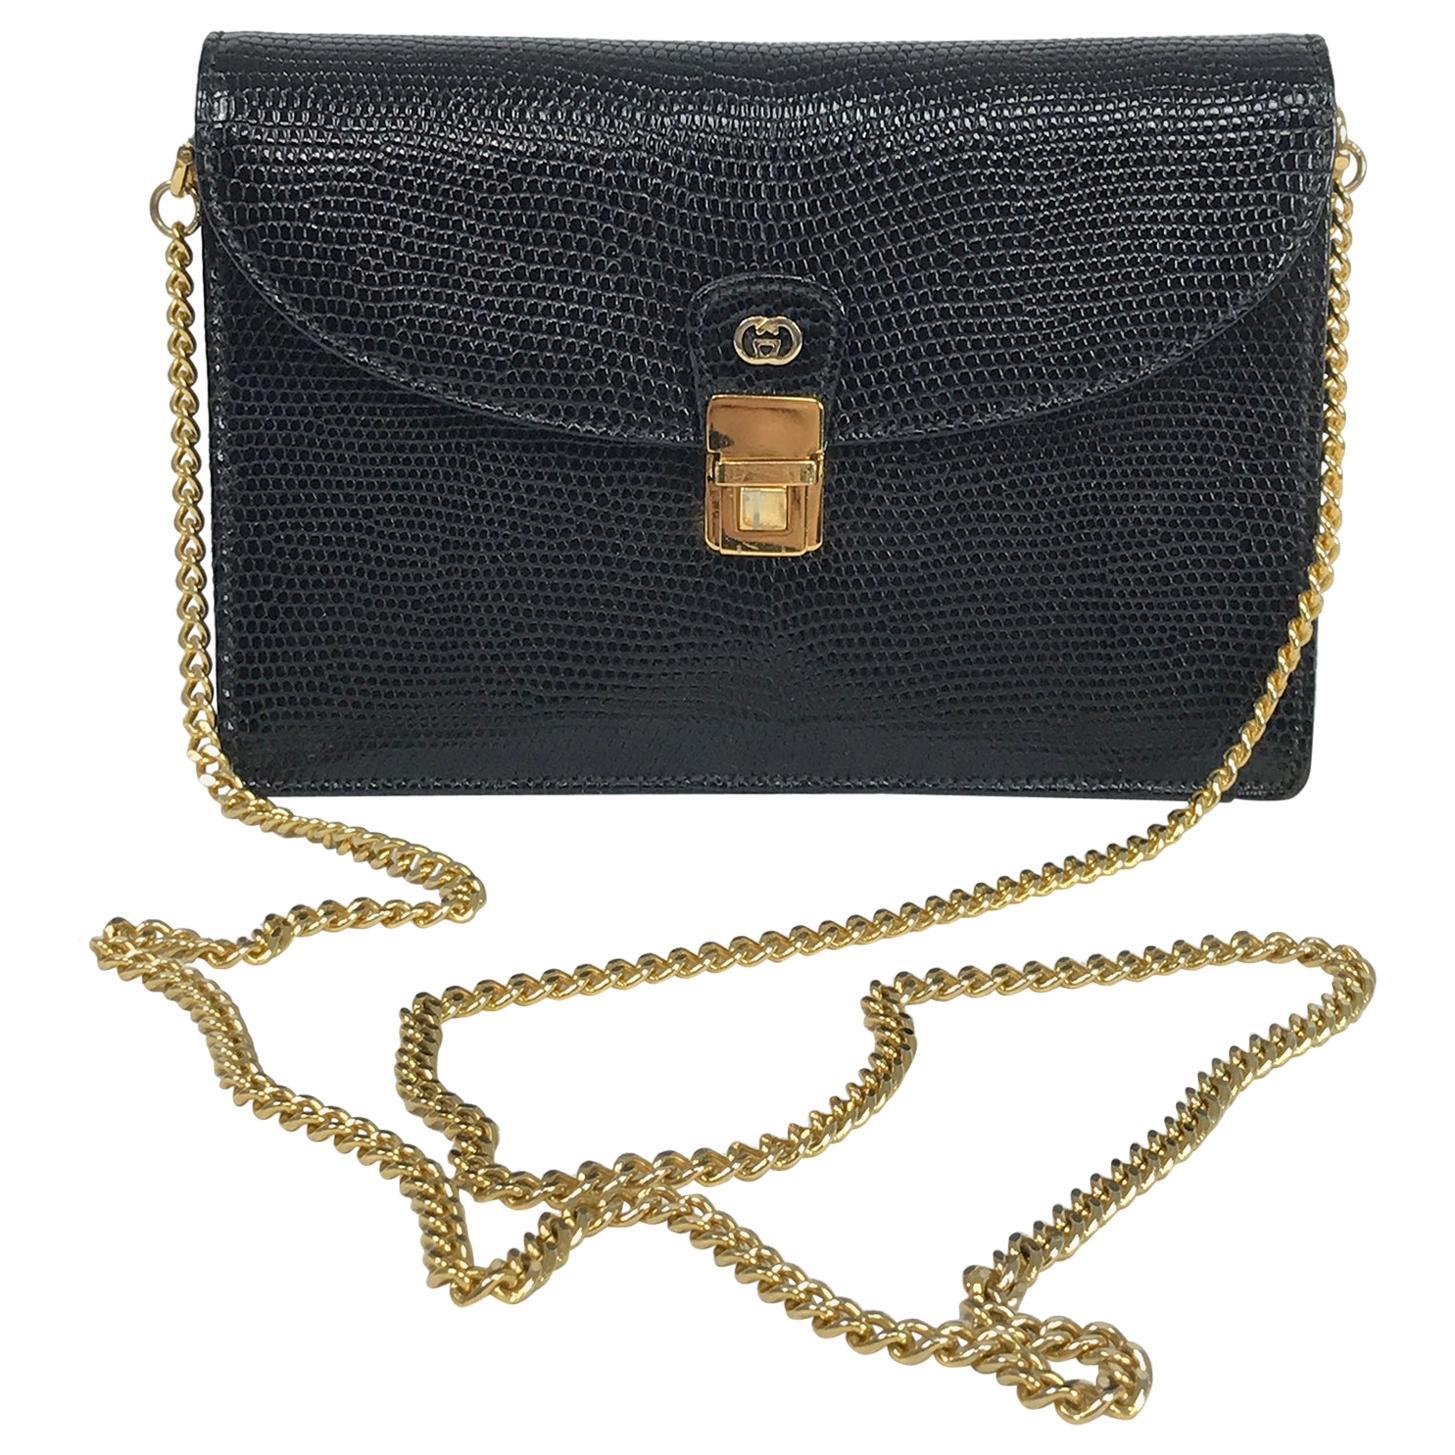 Vintage Gucci Black Lizard Evening Bag Gold Hardware 1970s